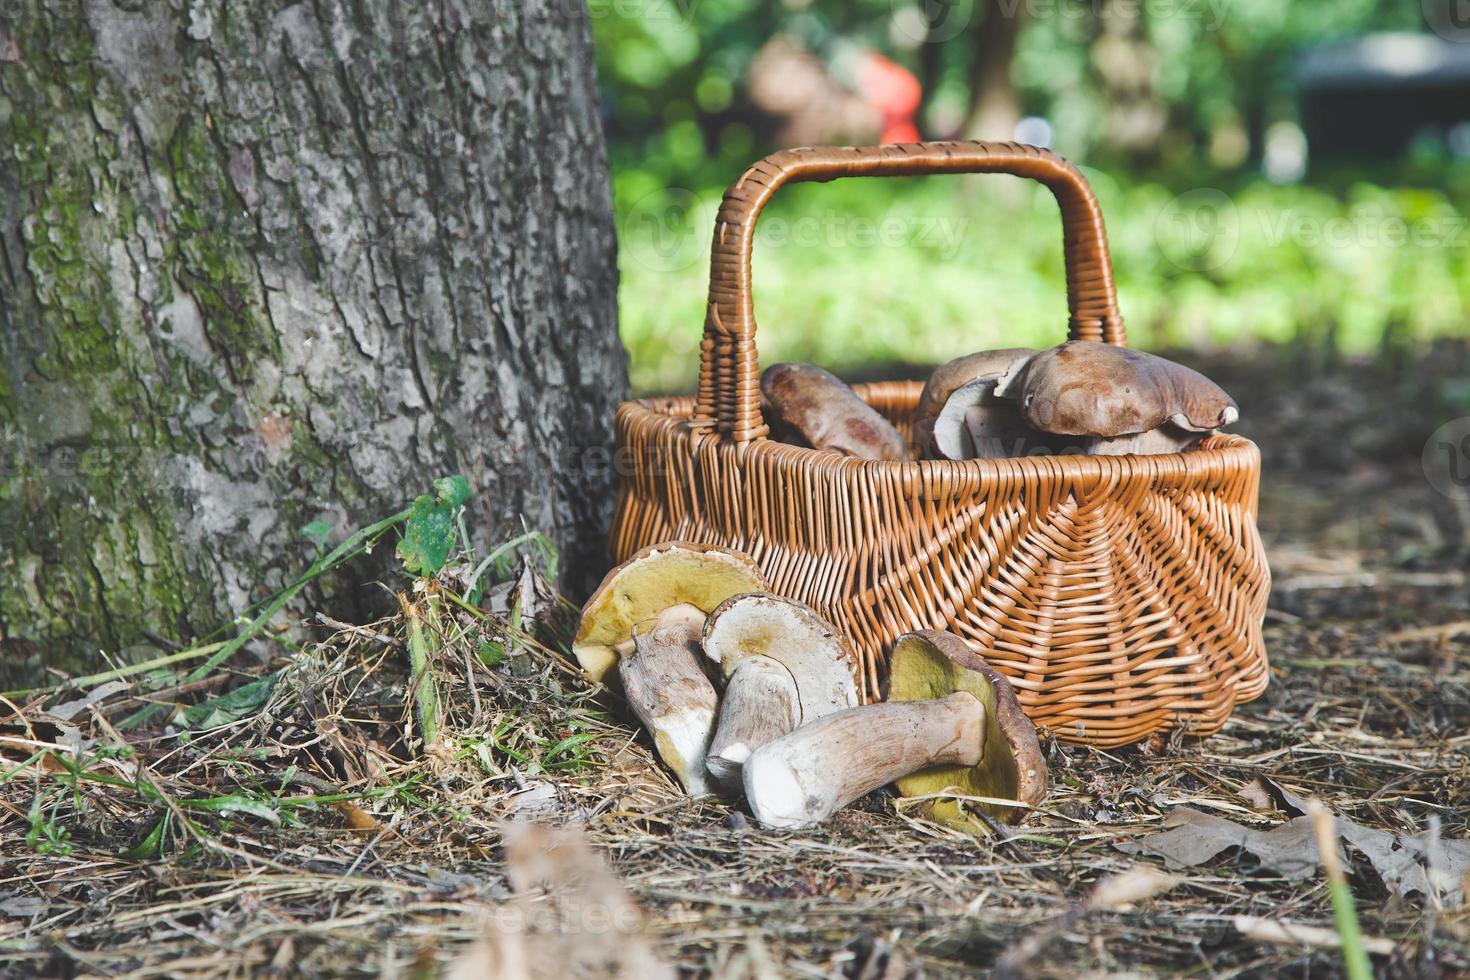 grupo de cogumelos brancos perto de uma cesta de vime na floresta foto